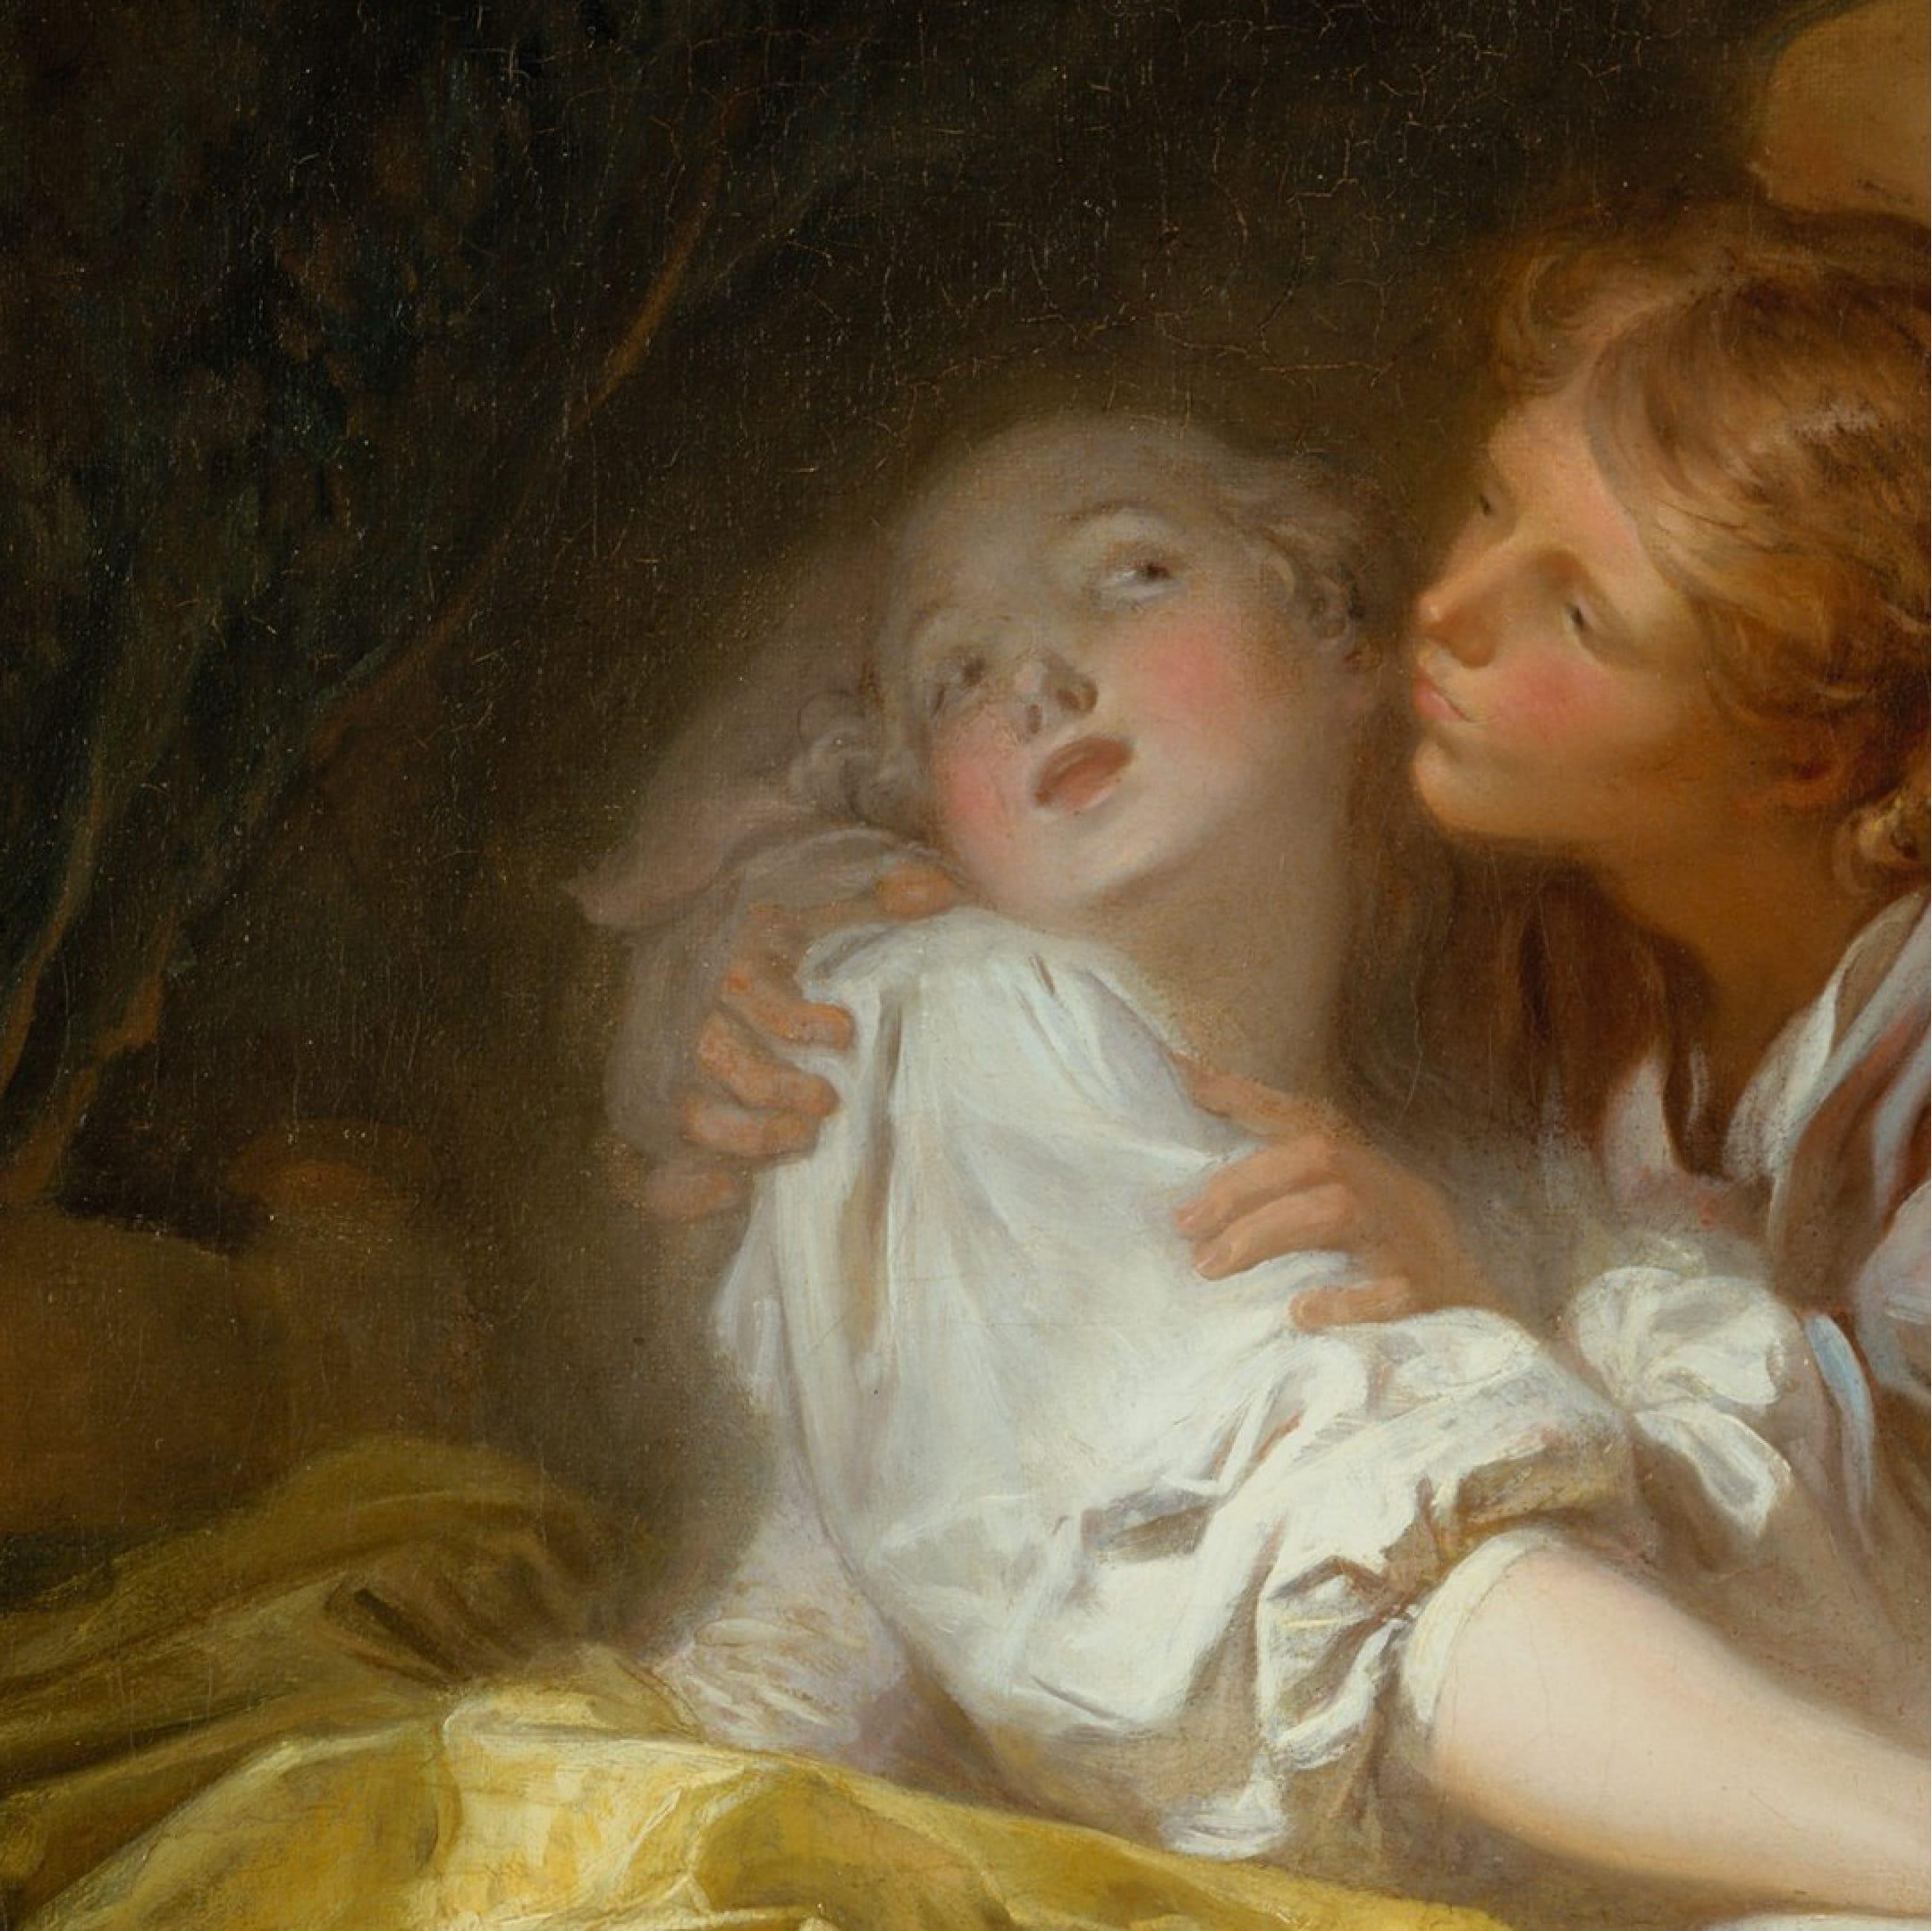 Фрагмент картины Жана-Оноре Фрагонара «Выигранный поцелуй» (ок. 1760) с обложки книги «Оргазм, или Любовные утехи наЗападе»